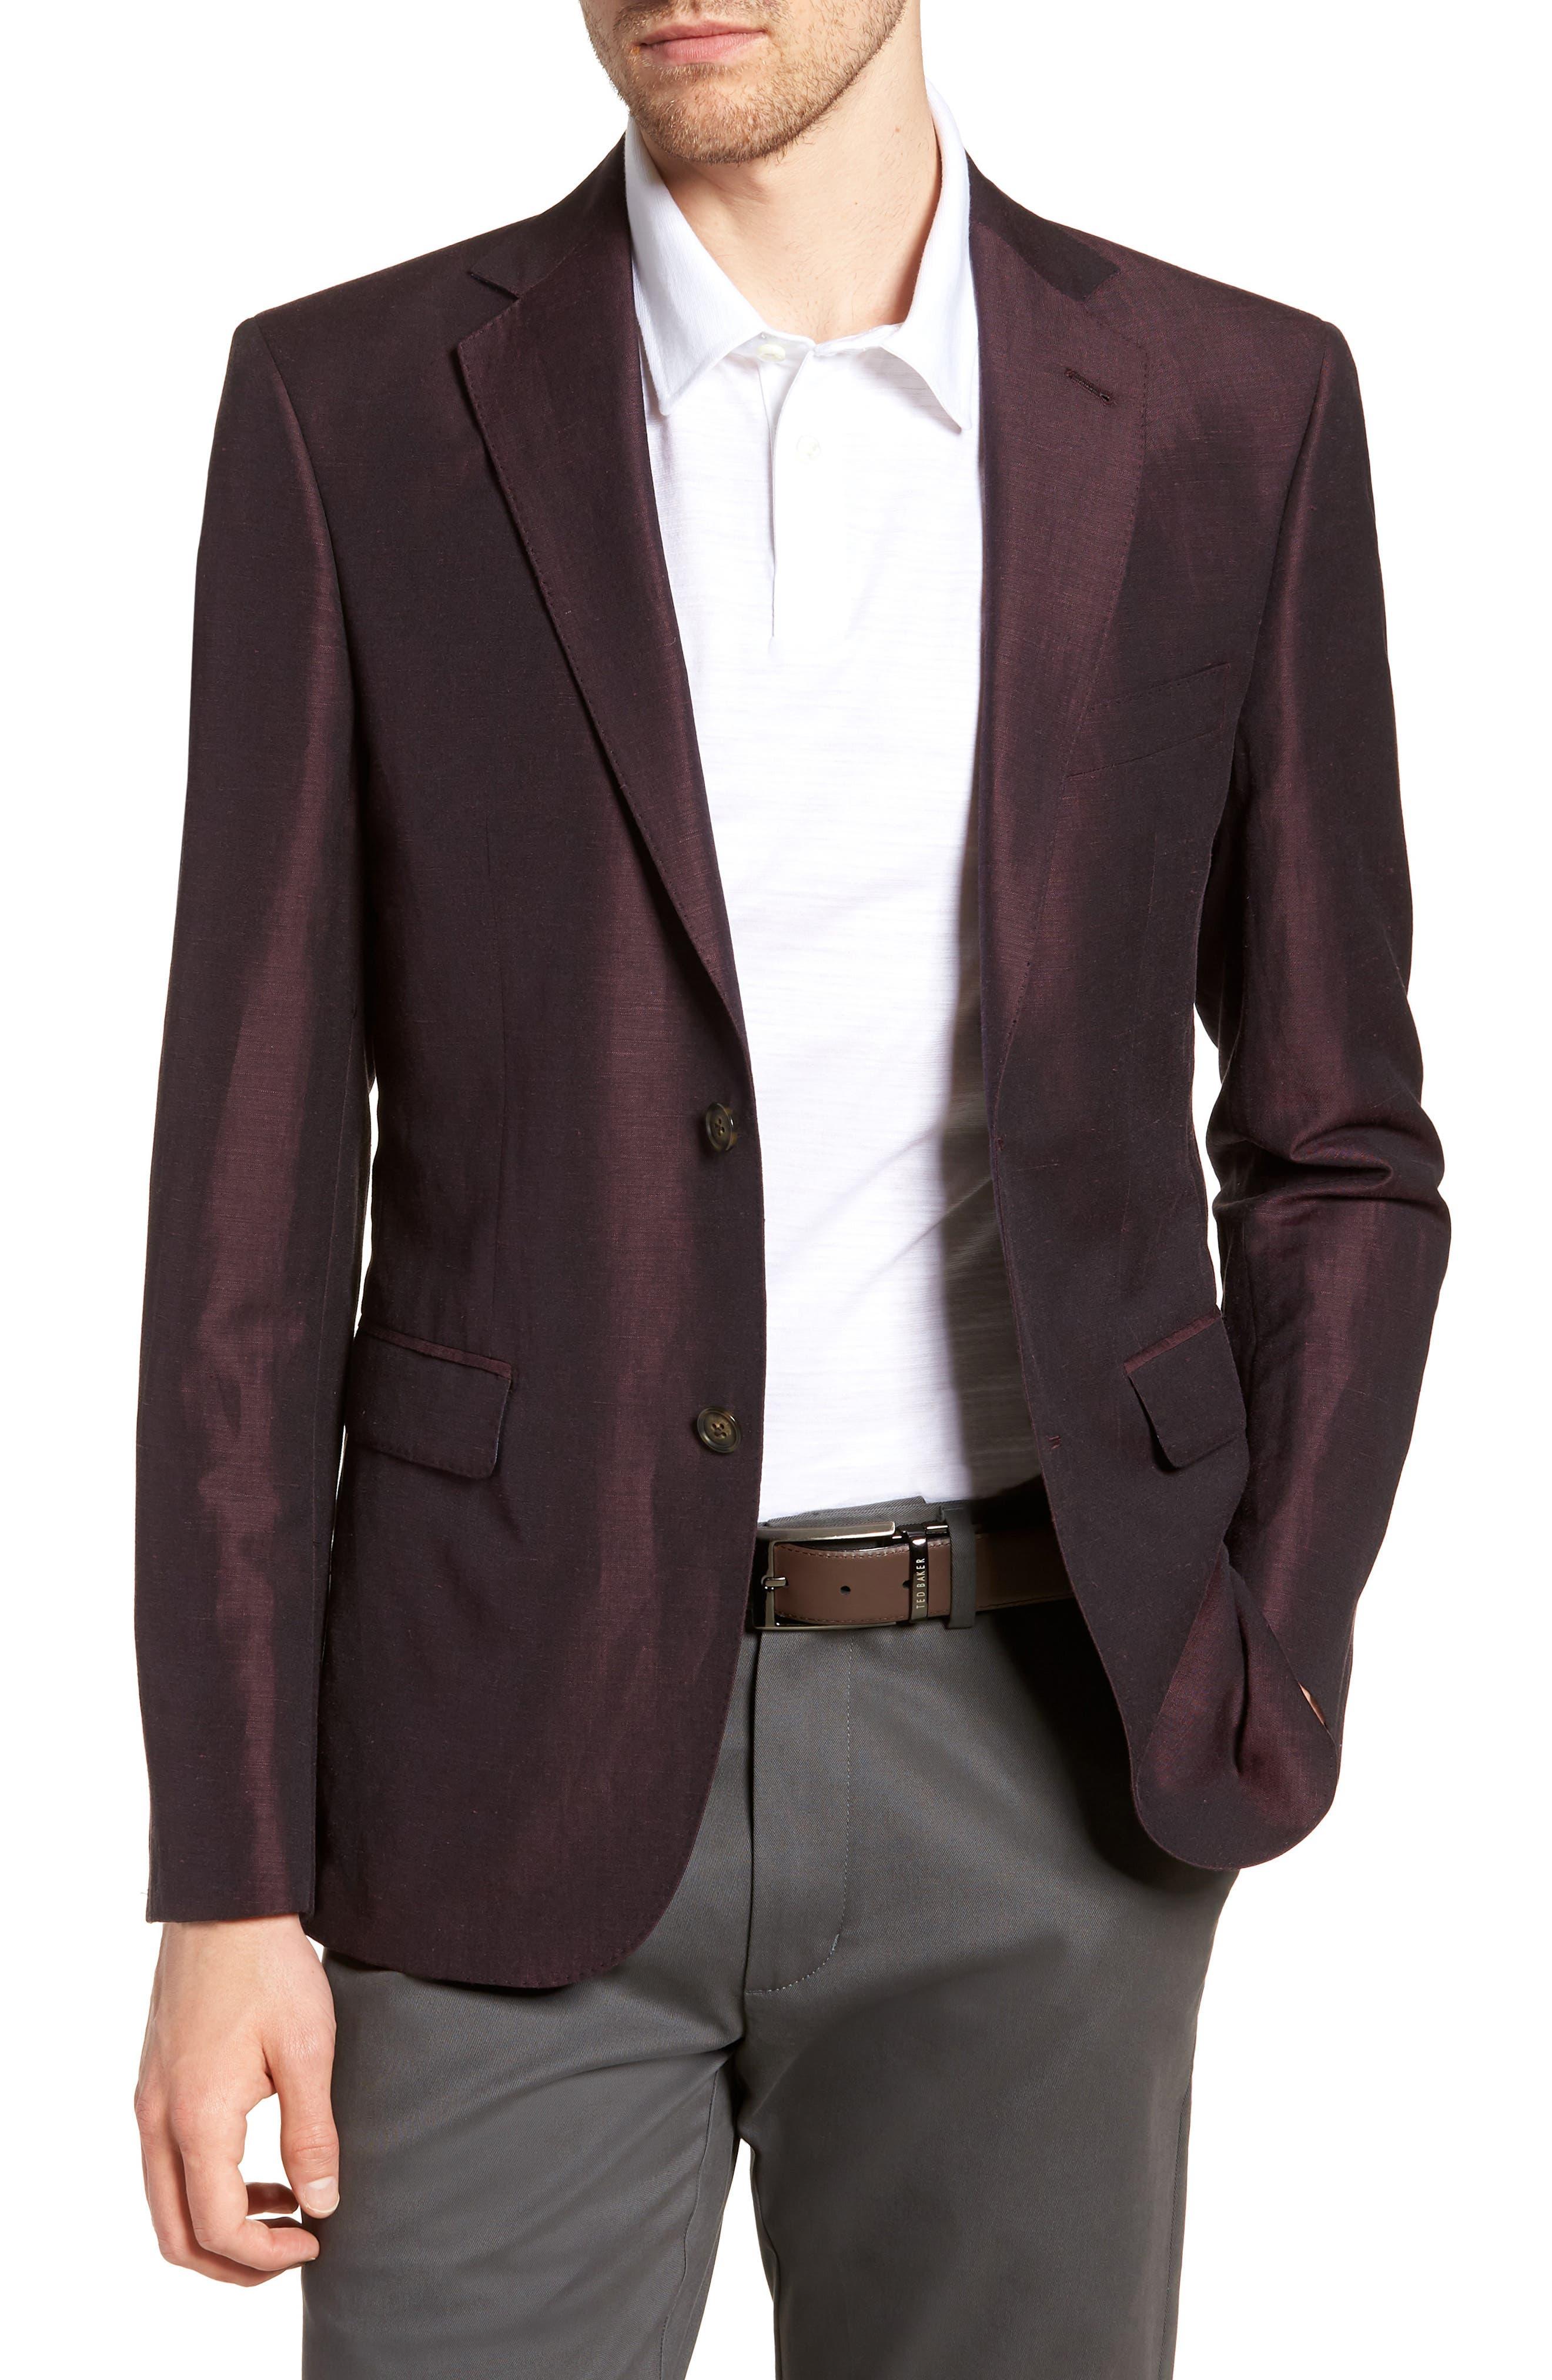 Shelby Trim Fit Wool & Linen Suit Jacket,                             Main thumbnail 1, color,                             Plum